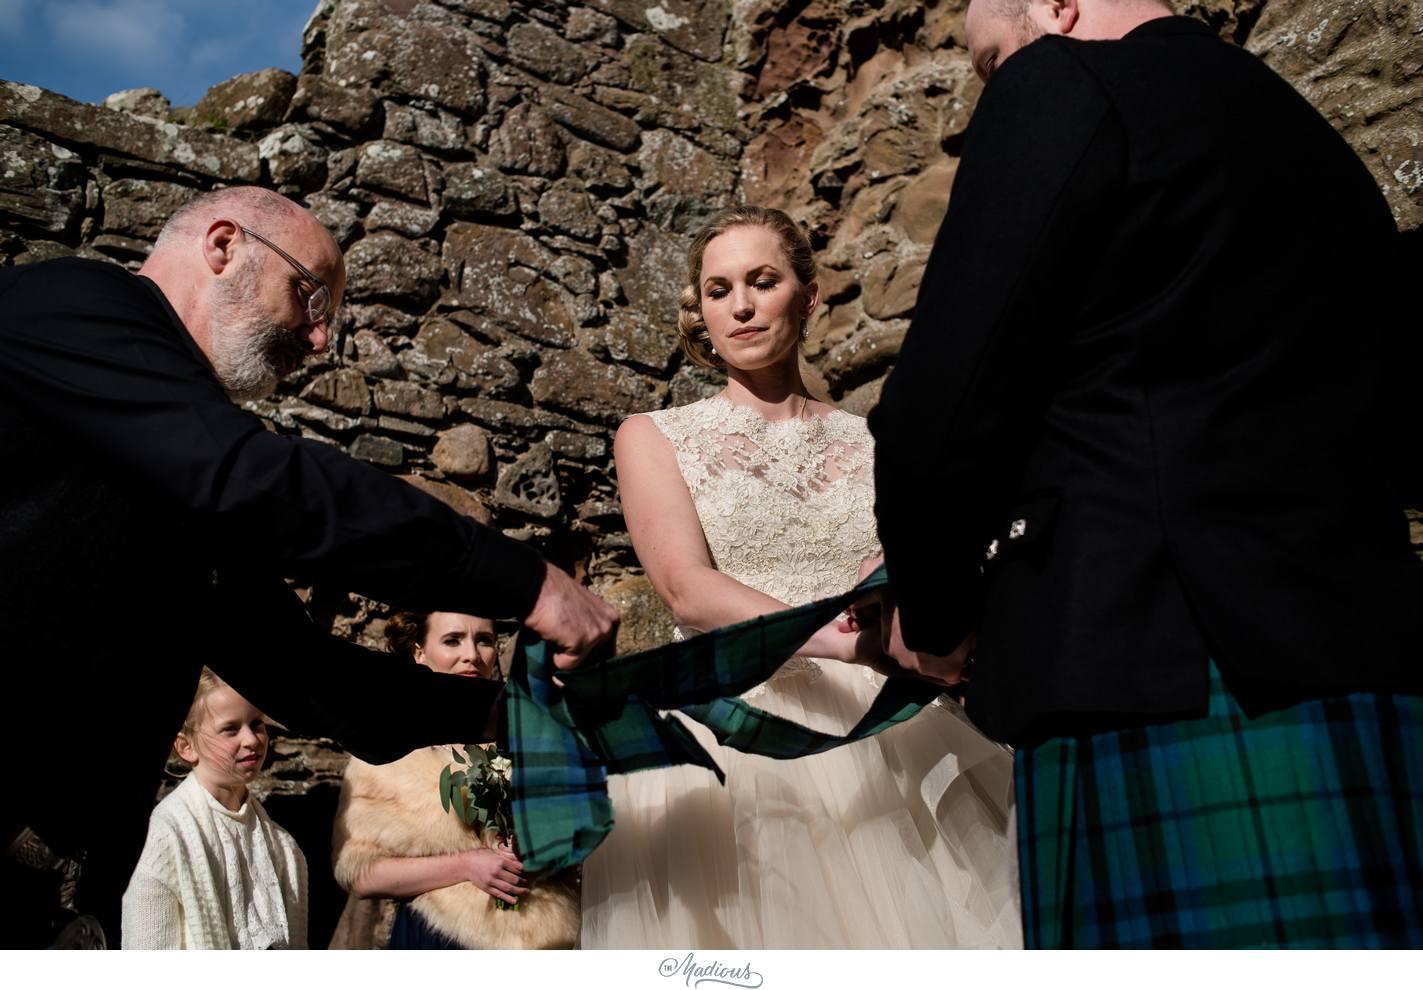 Balbegno_Dunnotar_Castle_Scottland_Wedding_36.jpg